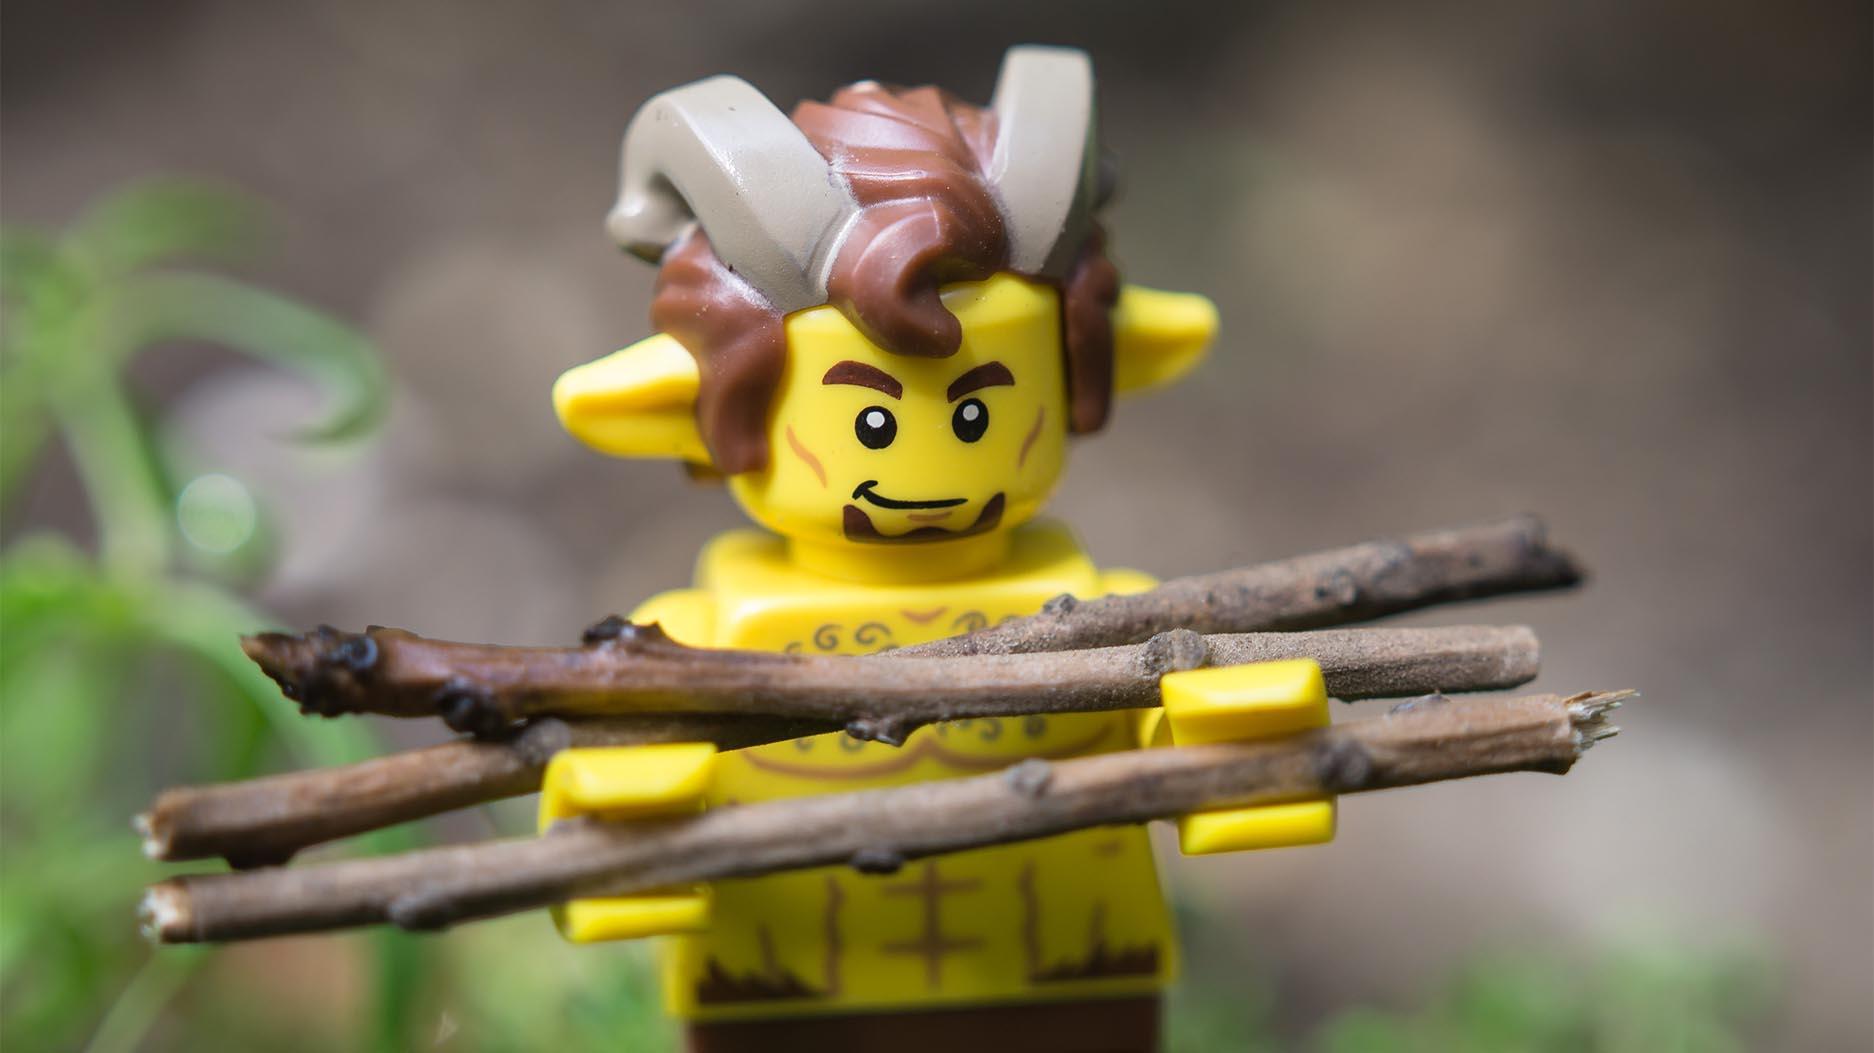 Leveling Up With LEGO